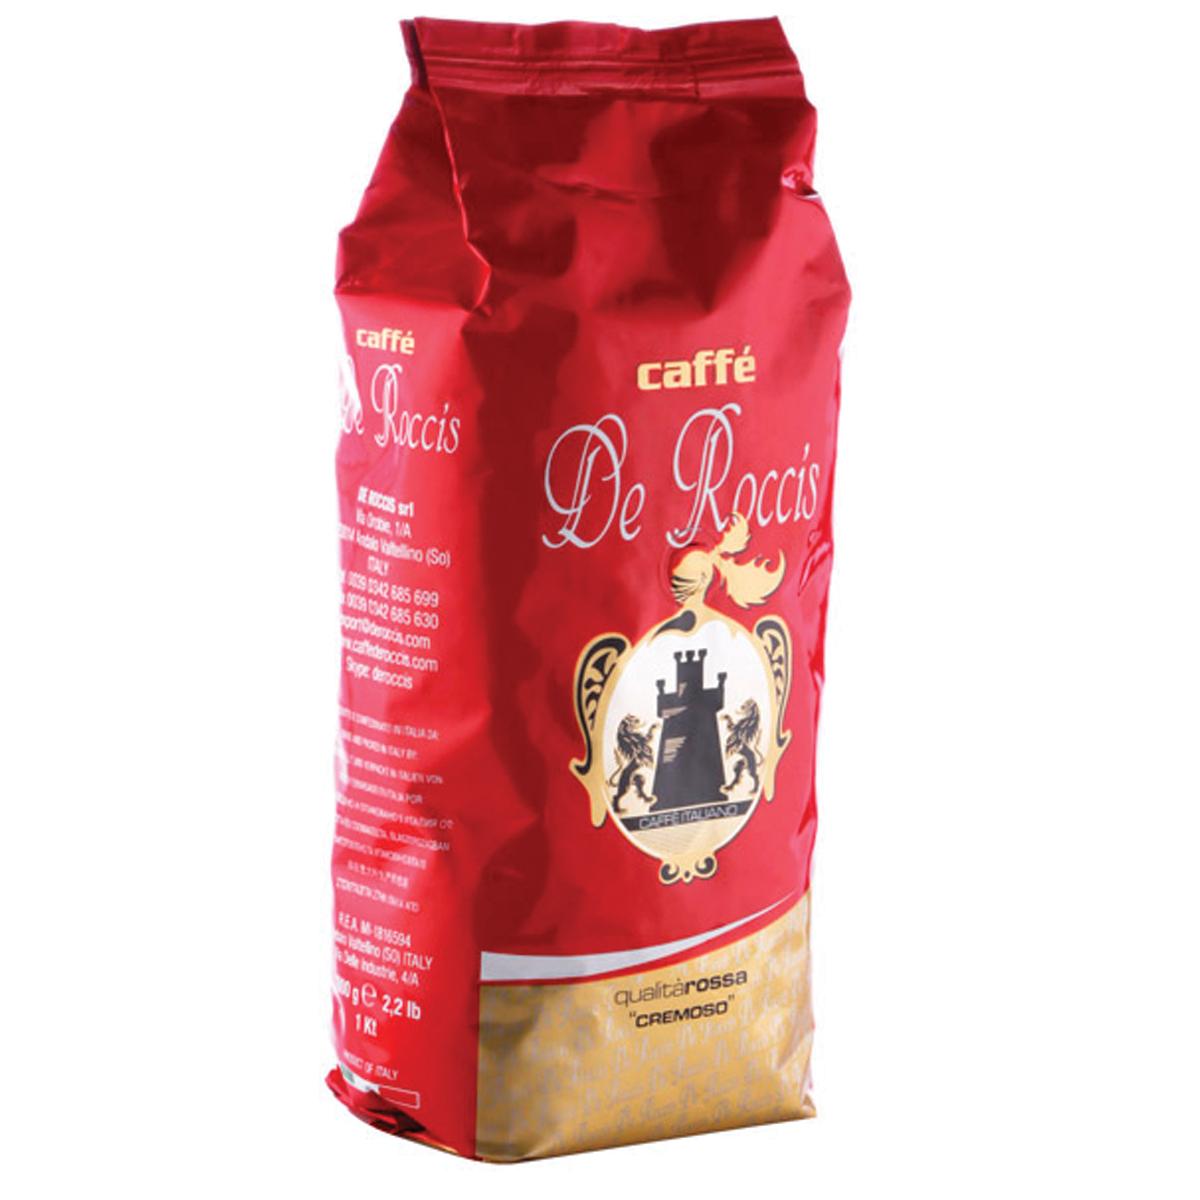 De Roccis Rossa кофе в зернах, 1 кг8016115000158Кофе натуральный жареный в зернах De Roccis Rossa. Кофейная смесь средней сладости из лучших сортов кофе Робуста и Арабика, придающих ей более четкий вкус, длительное послевкусие и тонкий аромат. Классический Итальянский эспрессо. Состав смеси: 85% арабика, 15% робуста.